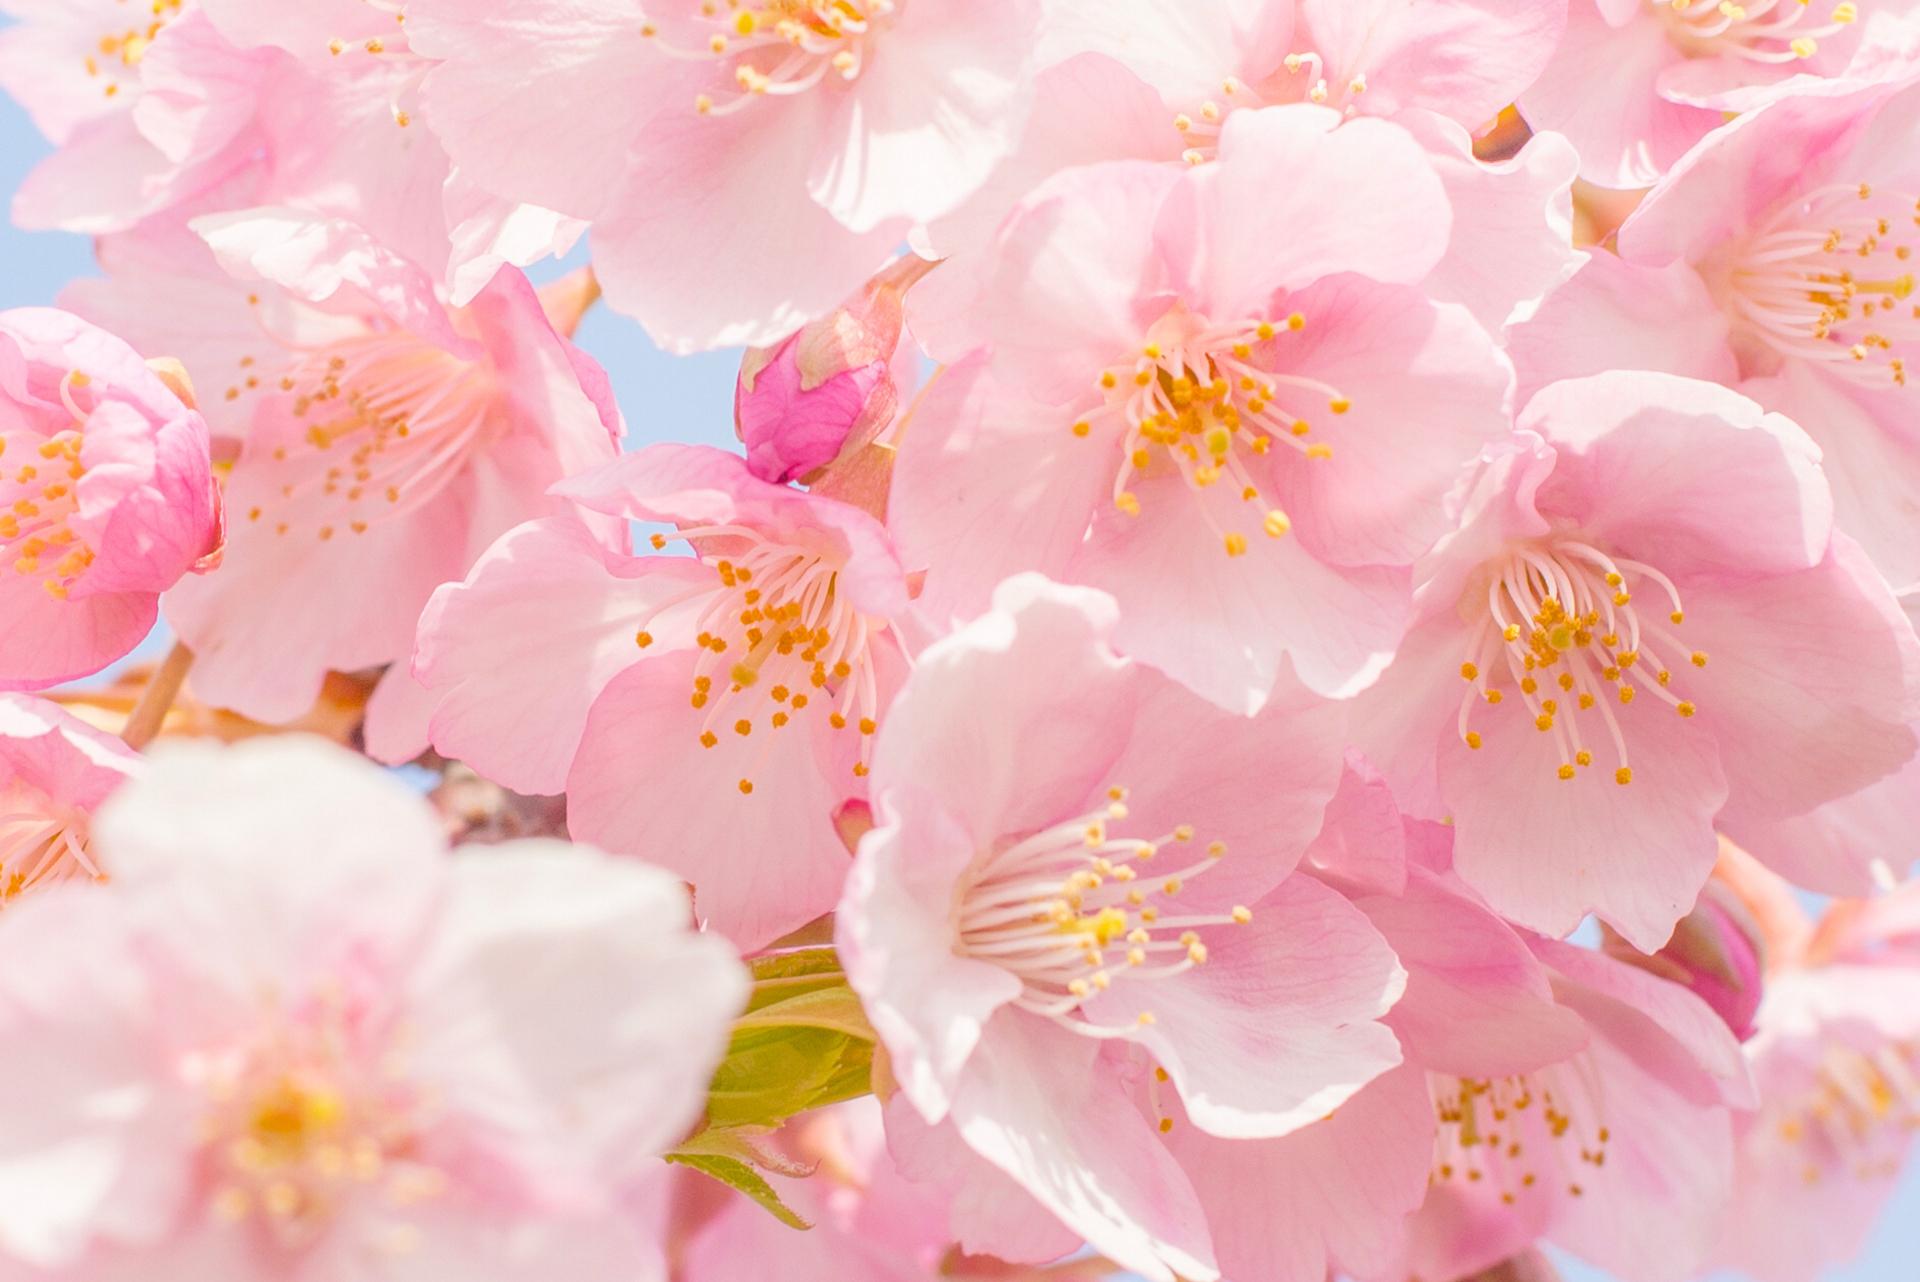 картинки рабочий стол цветочки розовым